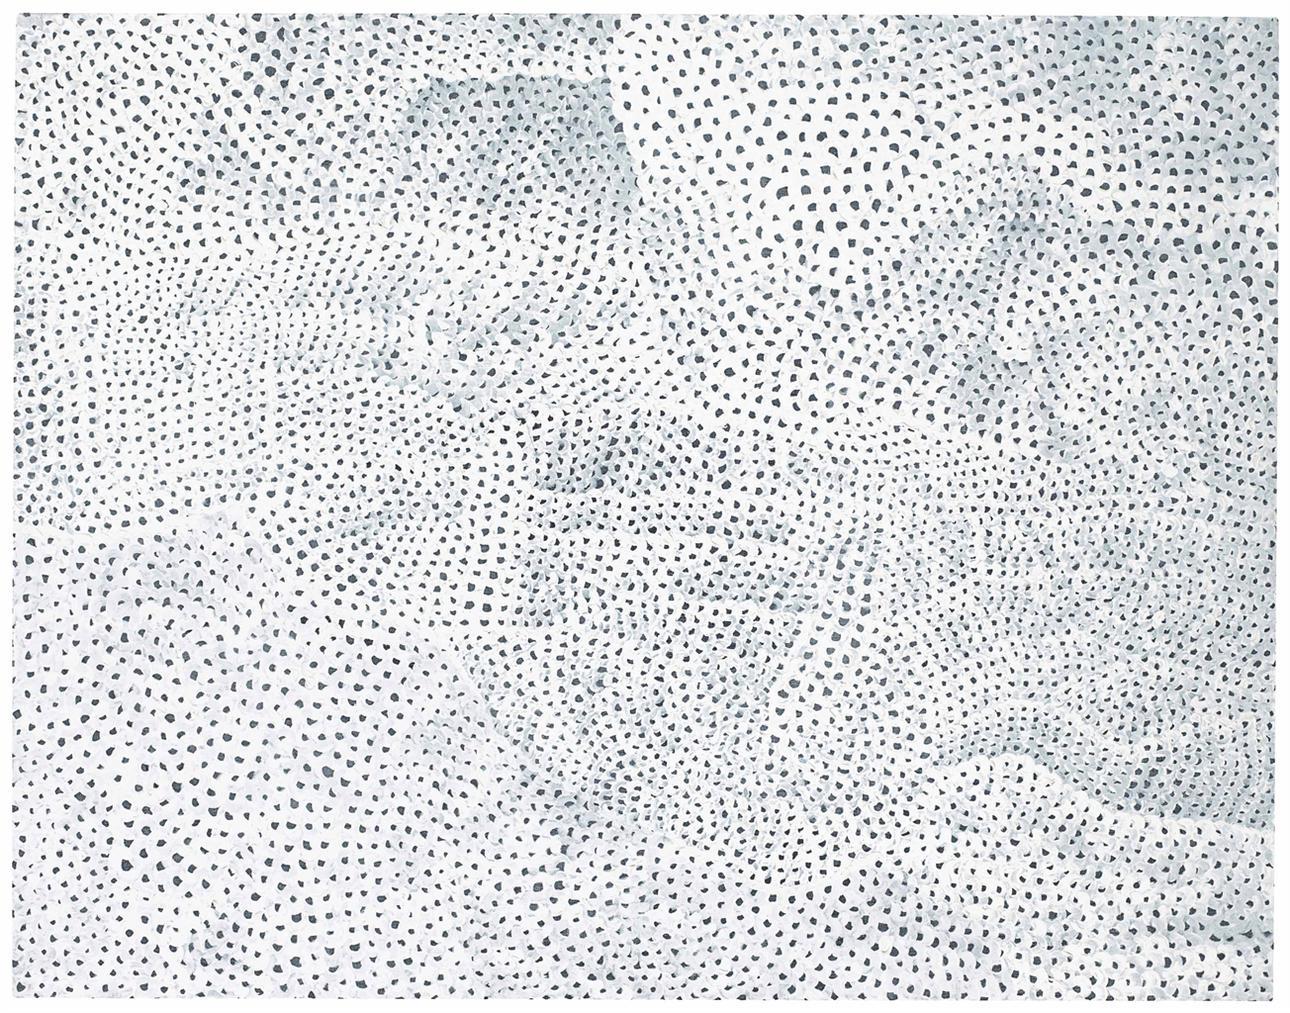 Yayoi Kusama-Infinity-Nets [Towz]-2005